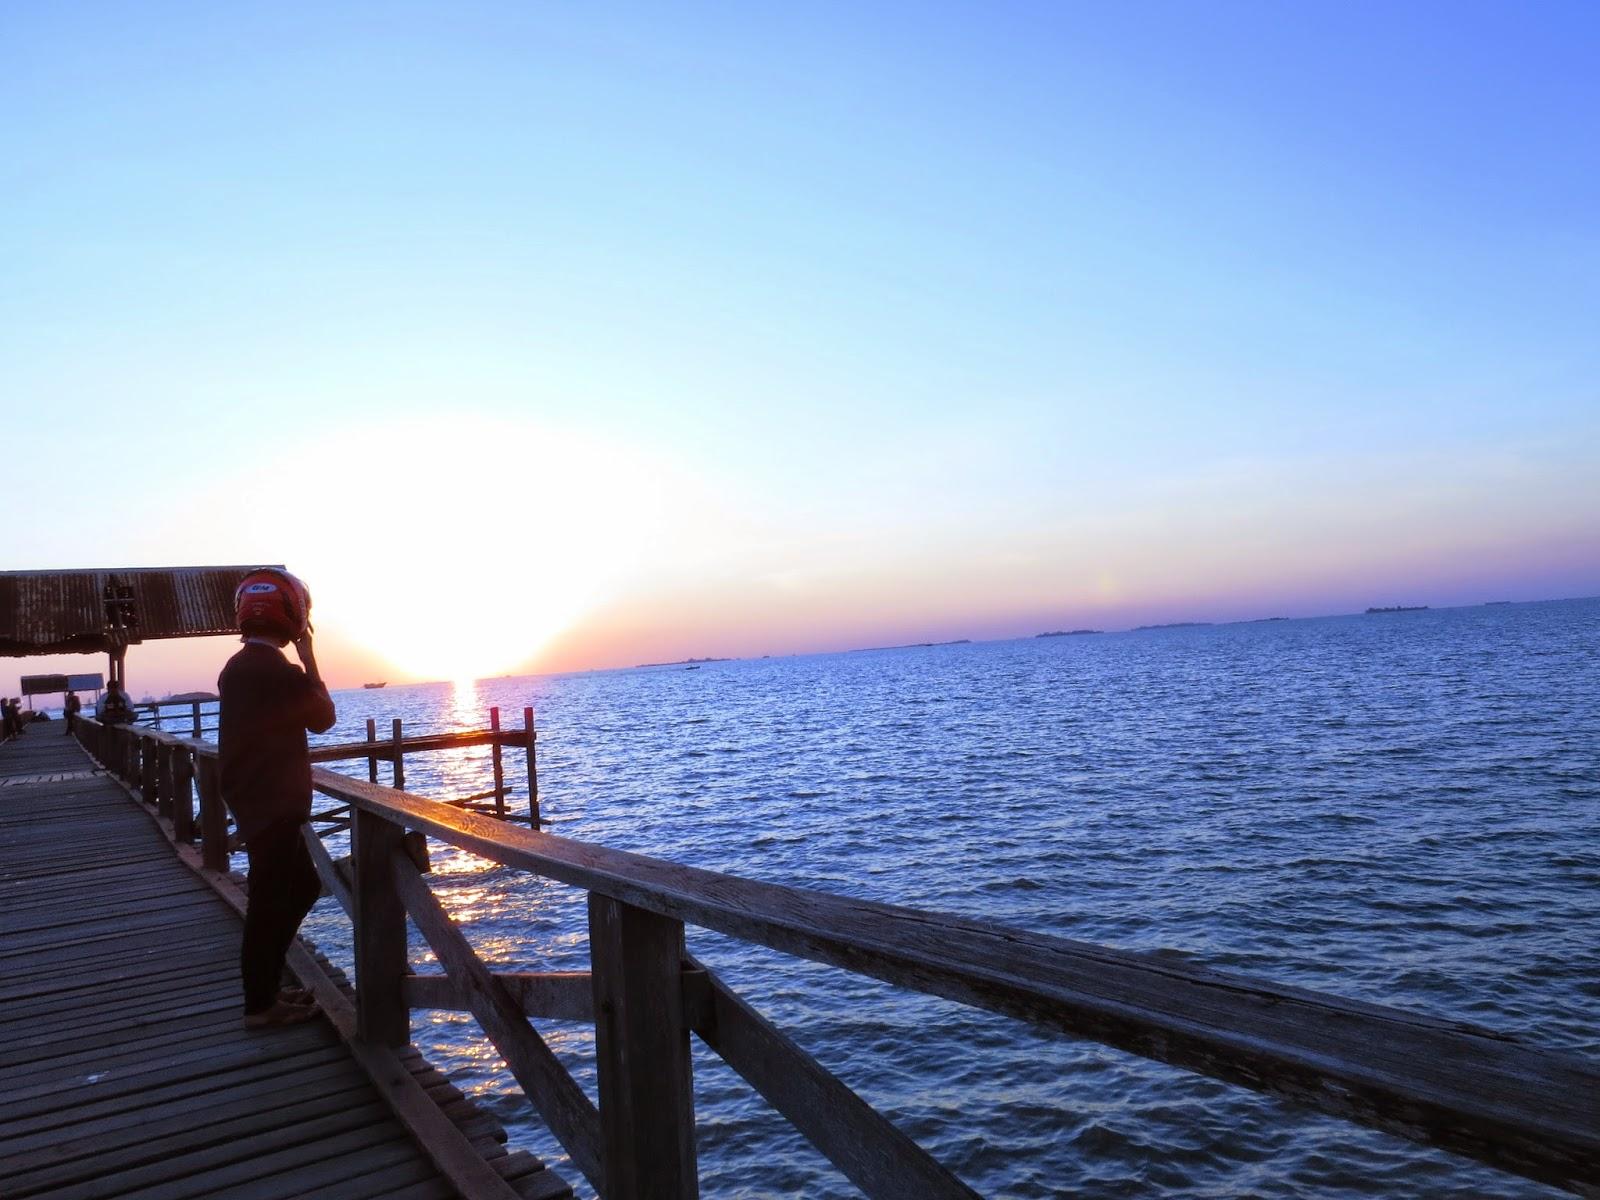 Menikmati Sunset di Dermaga Biringkassi